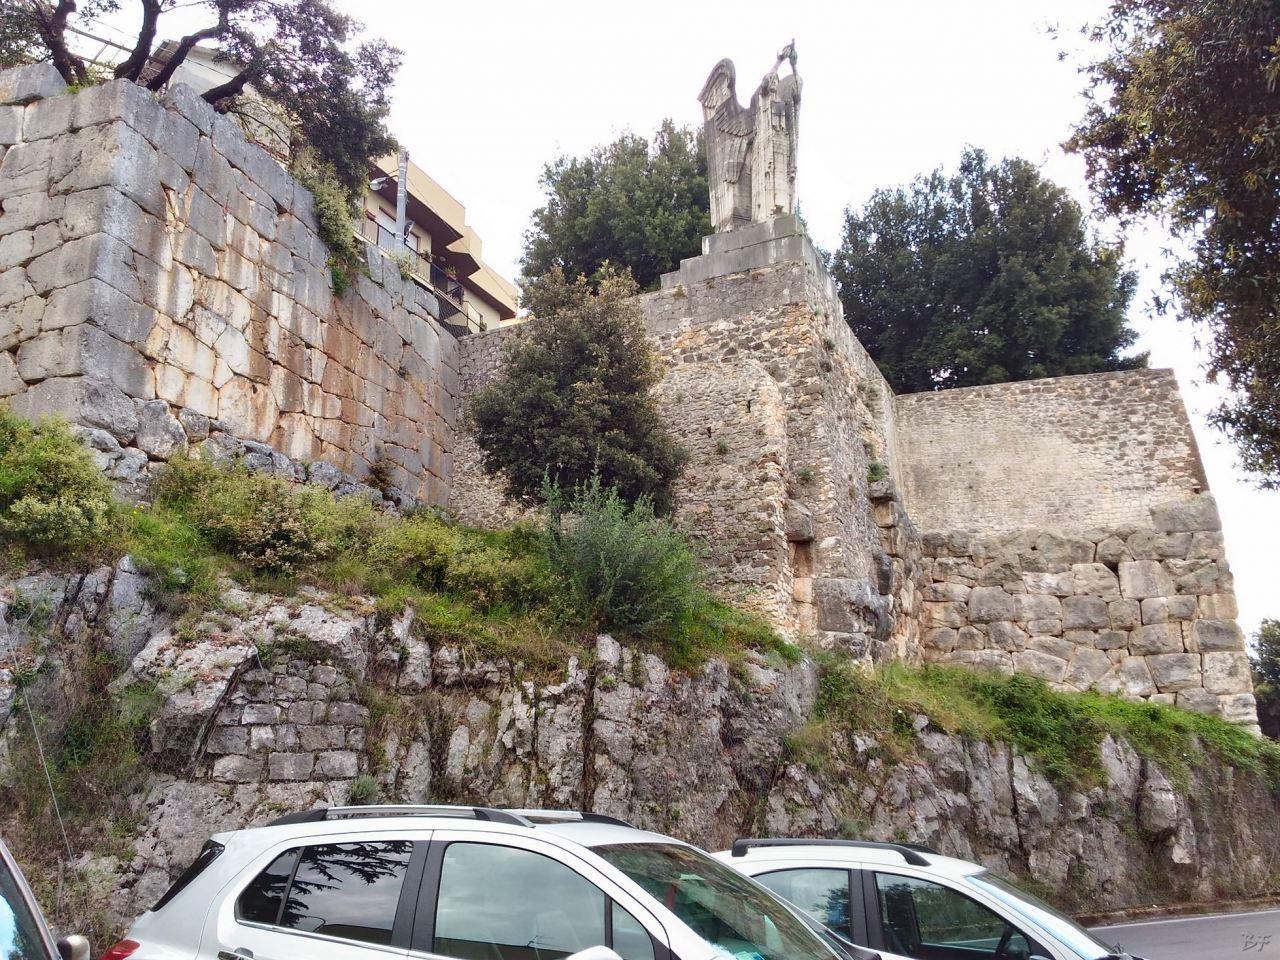 Cora-Mura-Poligonali-Megalitiche-Cori-Latina-Lazio-Italia-15